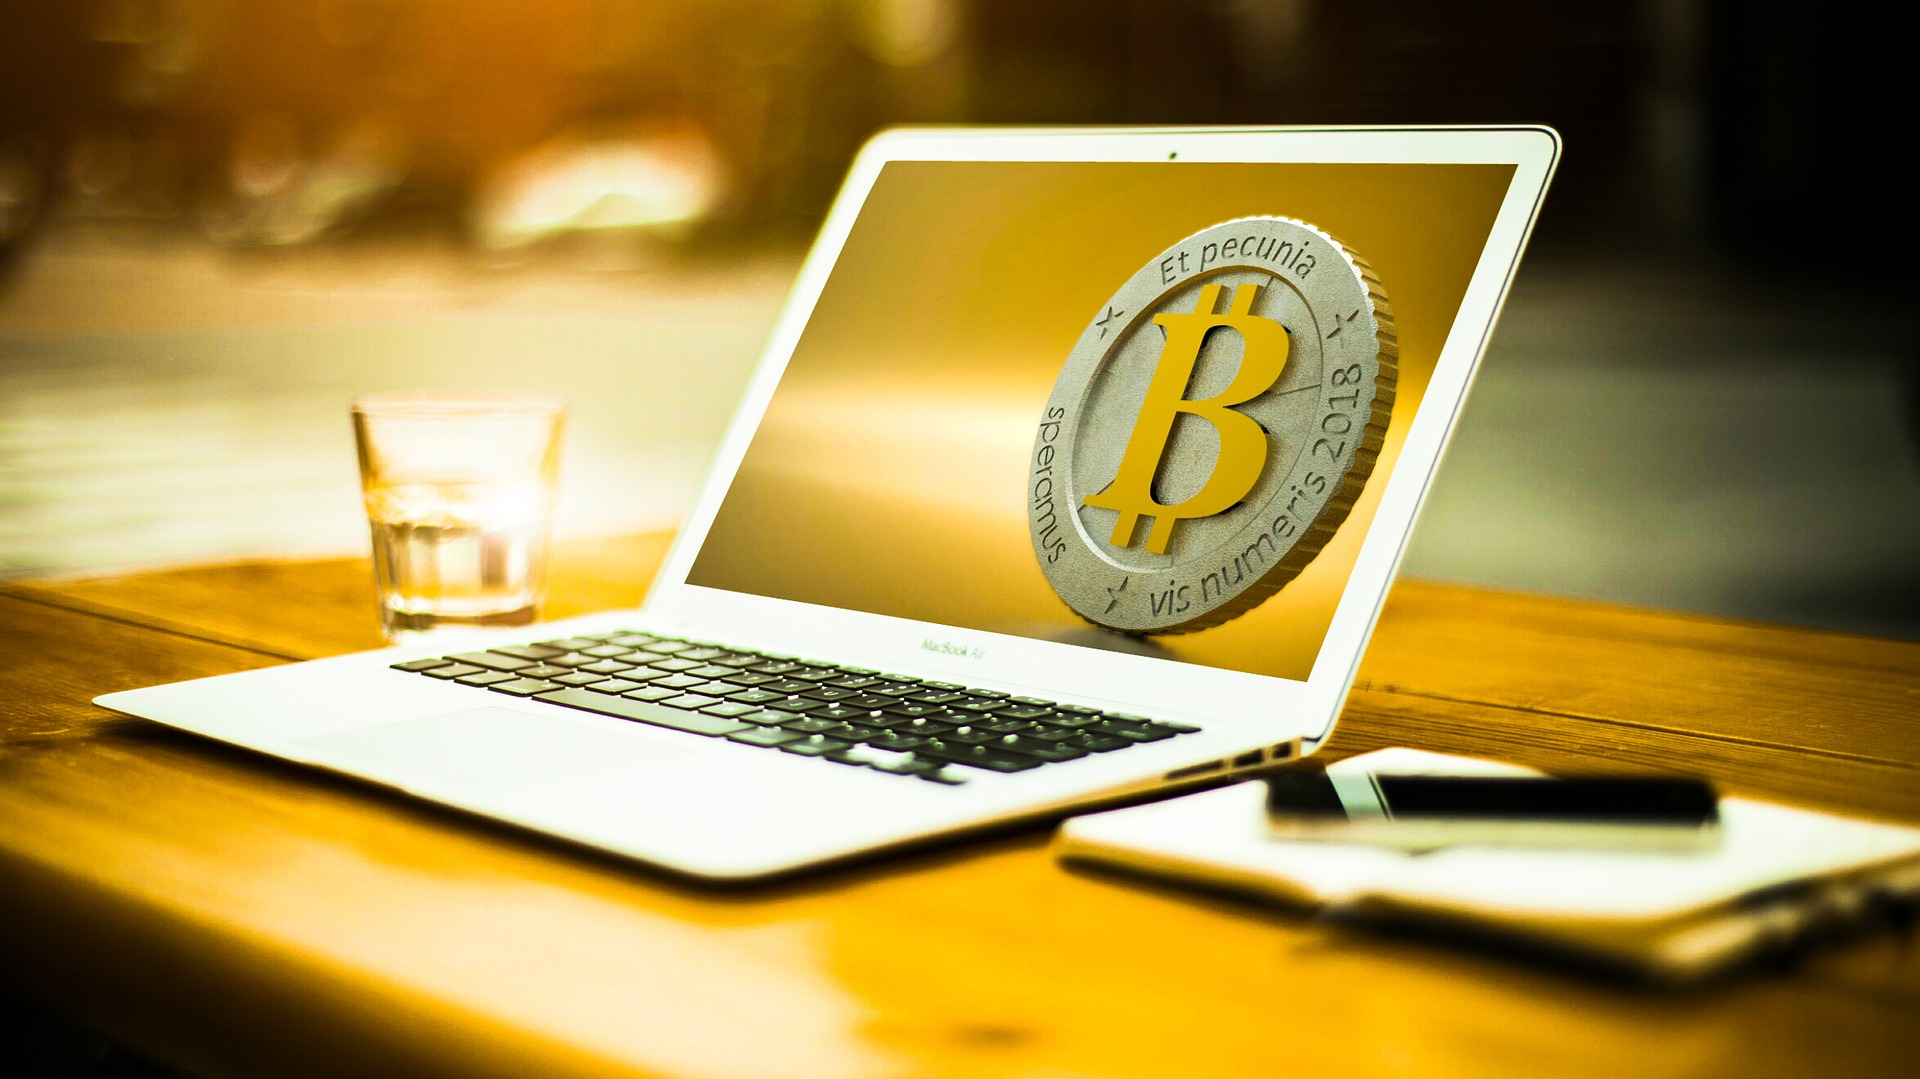 ビットコインとパソコン